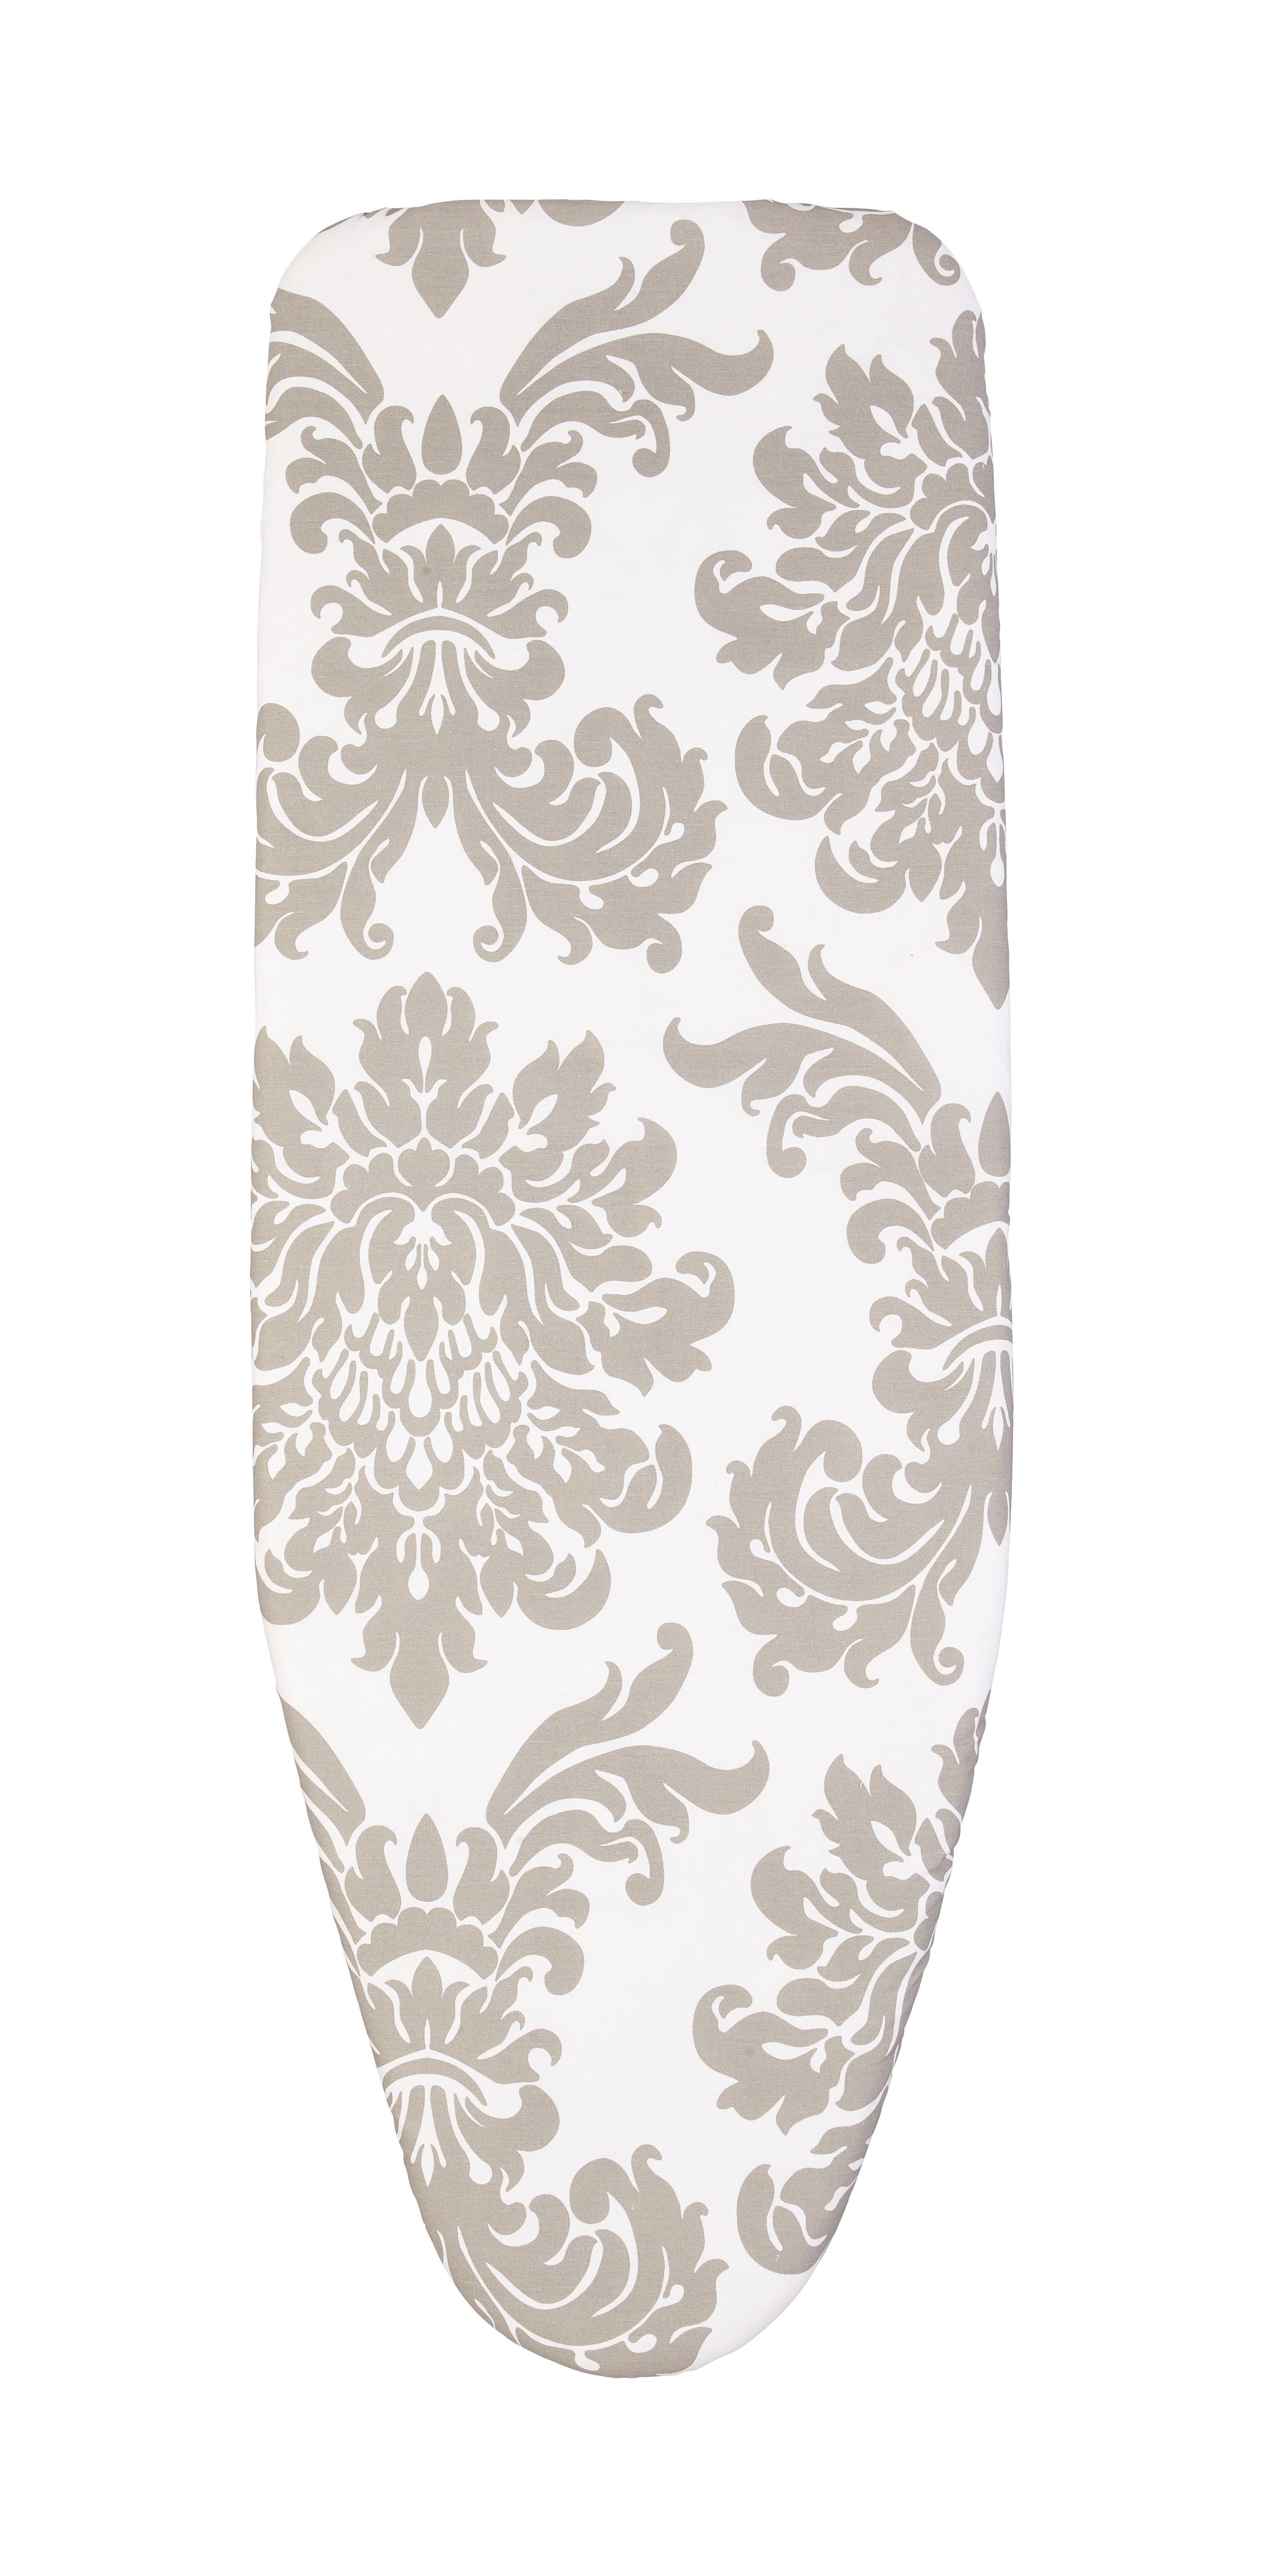 Vasalódeszka Huzat Kate - fehér/szürke, textil (50/130cm) - MÖMAX modern living